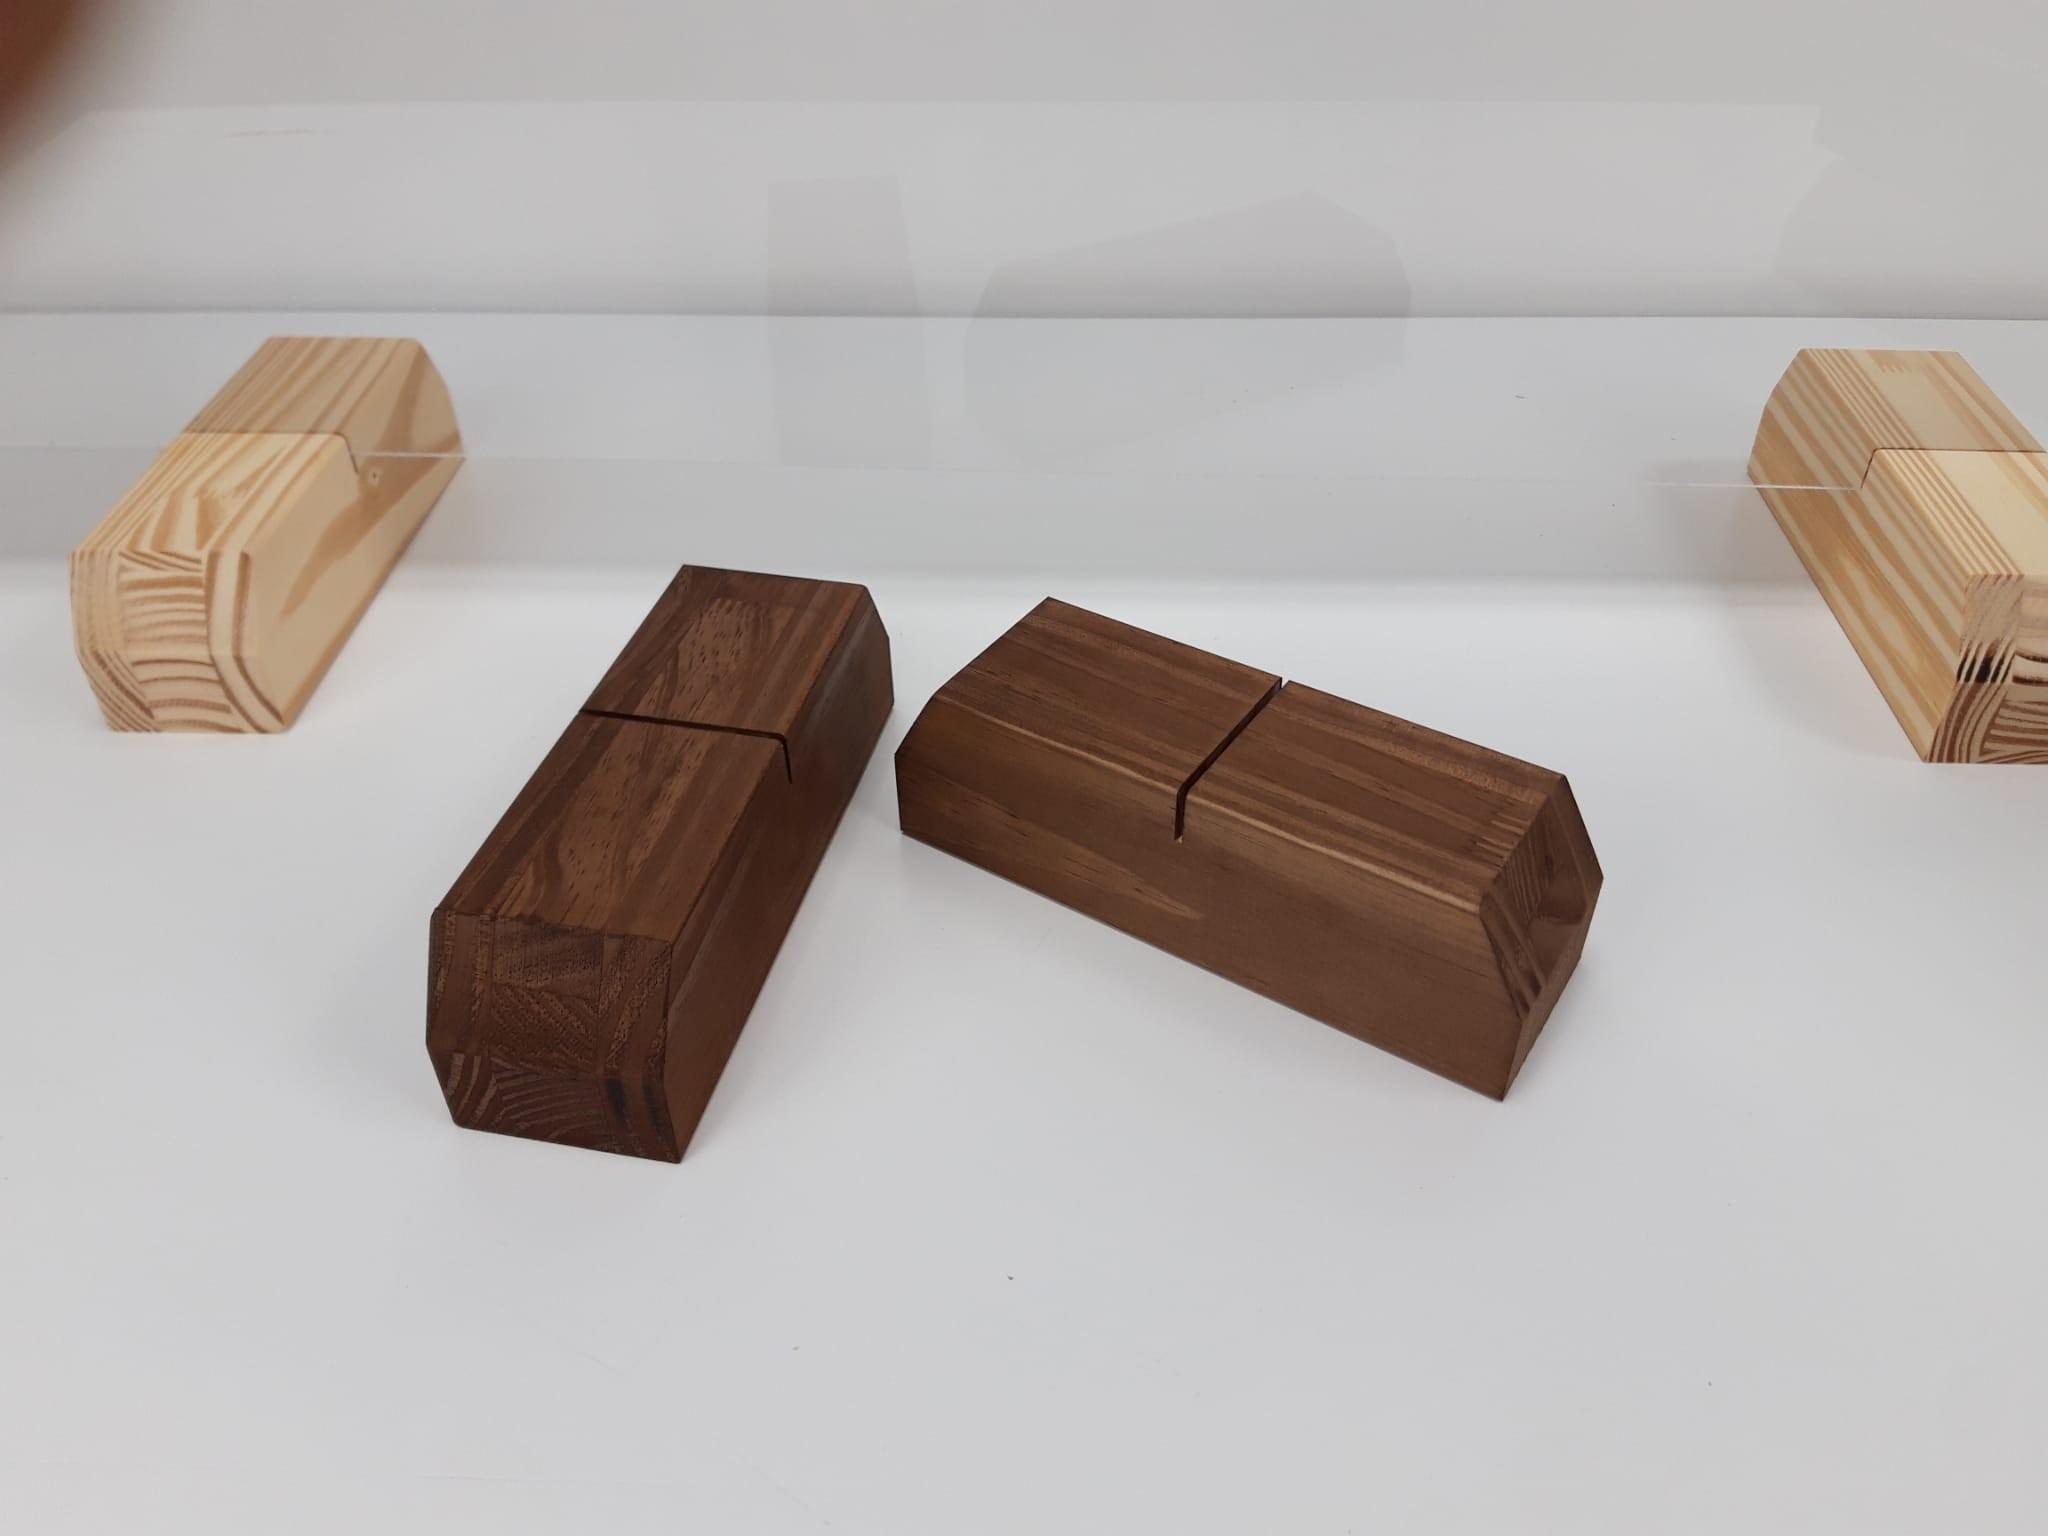 Caja madera vino caja de madera para botella de vino - Cajas de madera para botellas ...